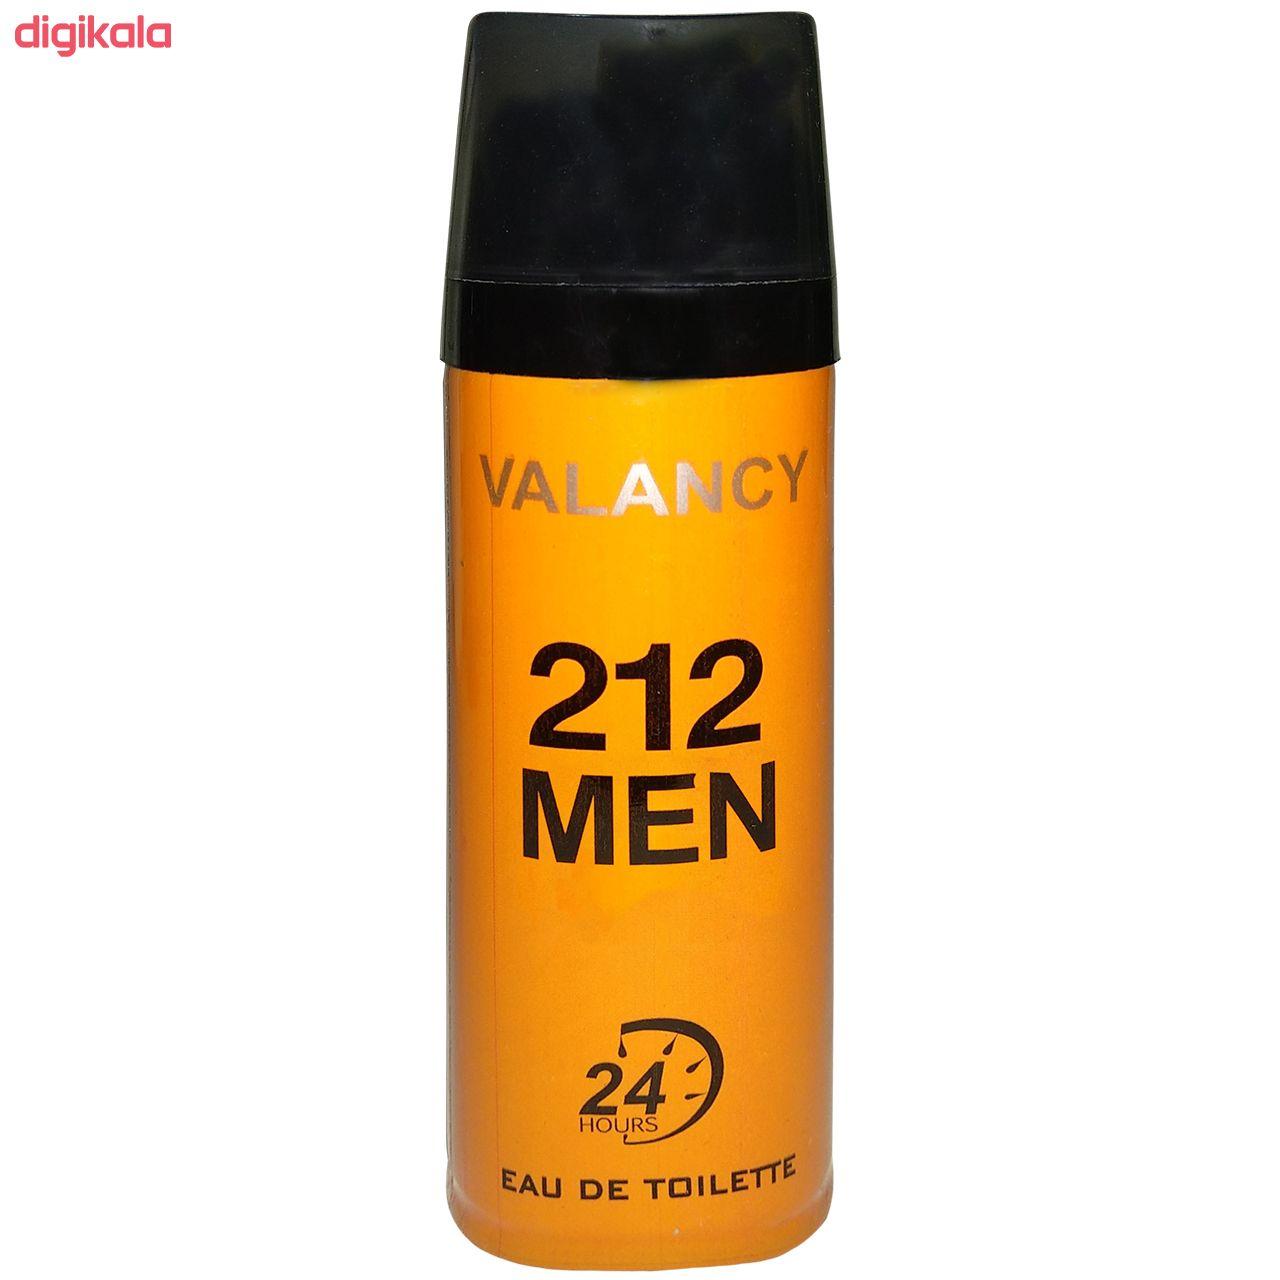 اسپری خوشبو کننده بدن مردانه والانسی مدل 212M حجم 200 میلی لیتر main 1 1